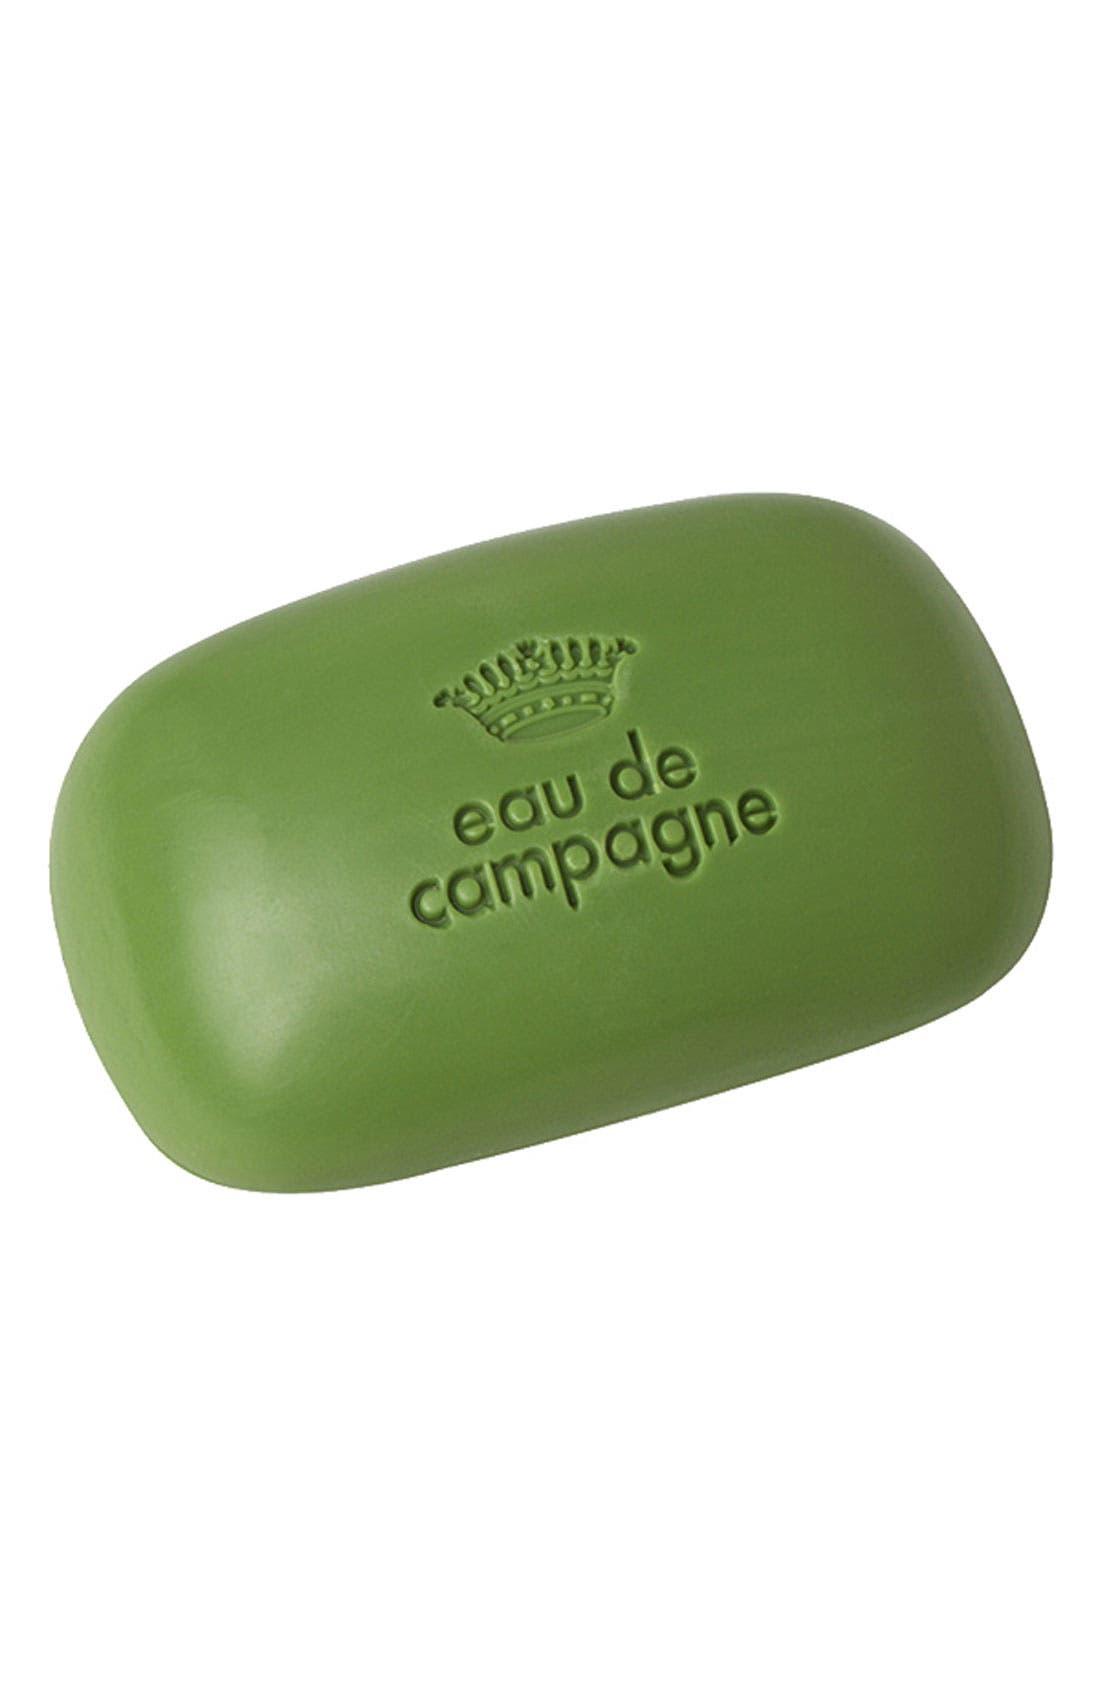 Sisley Paris 'Eau de Campagne' Soap